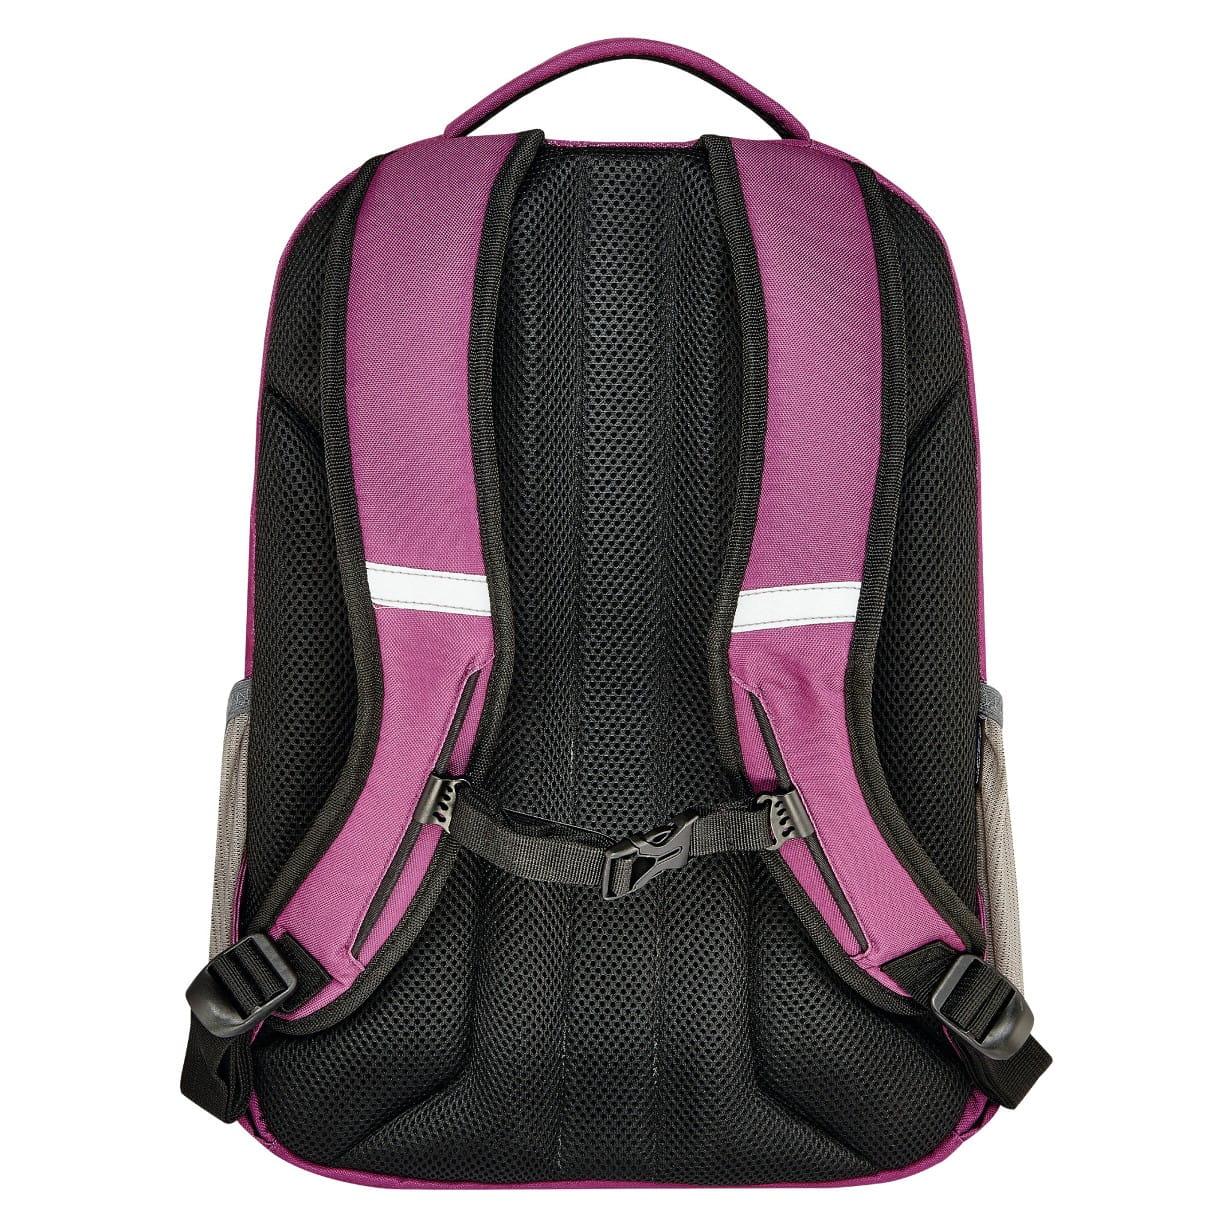 6605e57c898c0 ... 24800037_plecak_szkolny_młodzieżowy_Herlitz  be_bag_Be_Adventurer_widok_plecy_motyw_Purple.jpg ·  24800037_plecak_szkolny_młodzieżowy_Herlitz ...